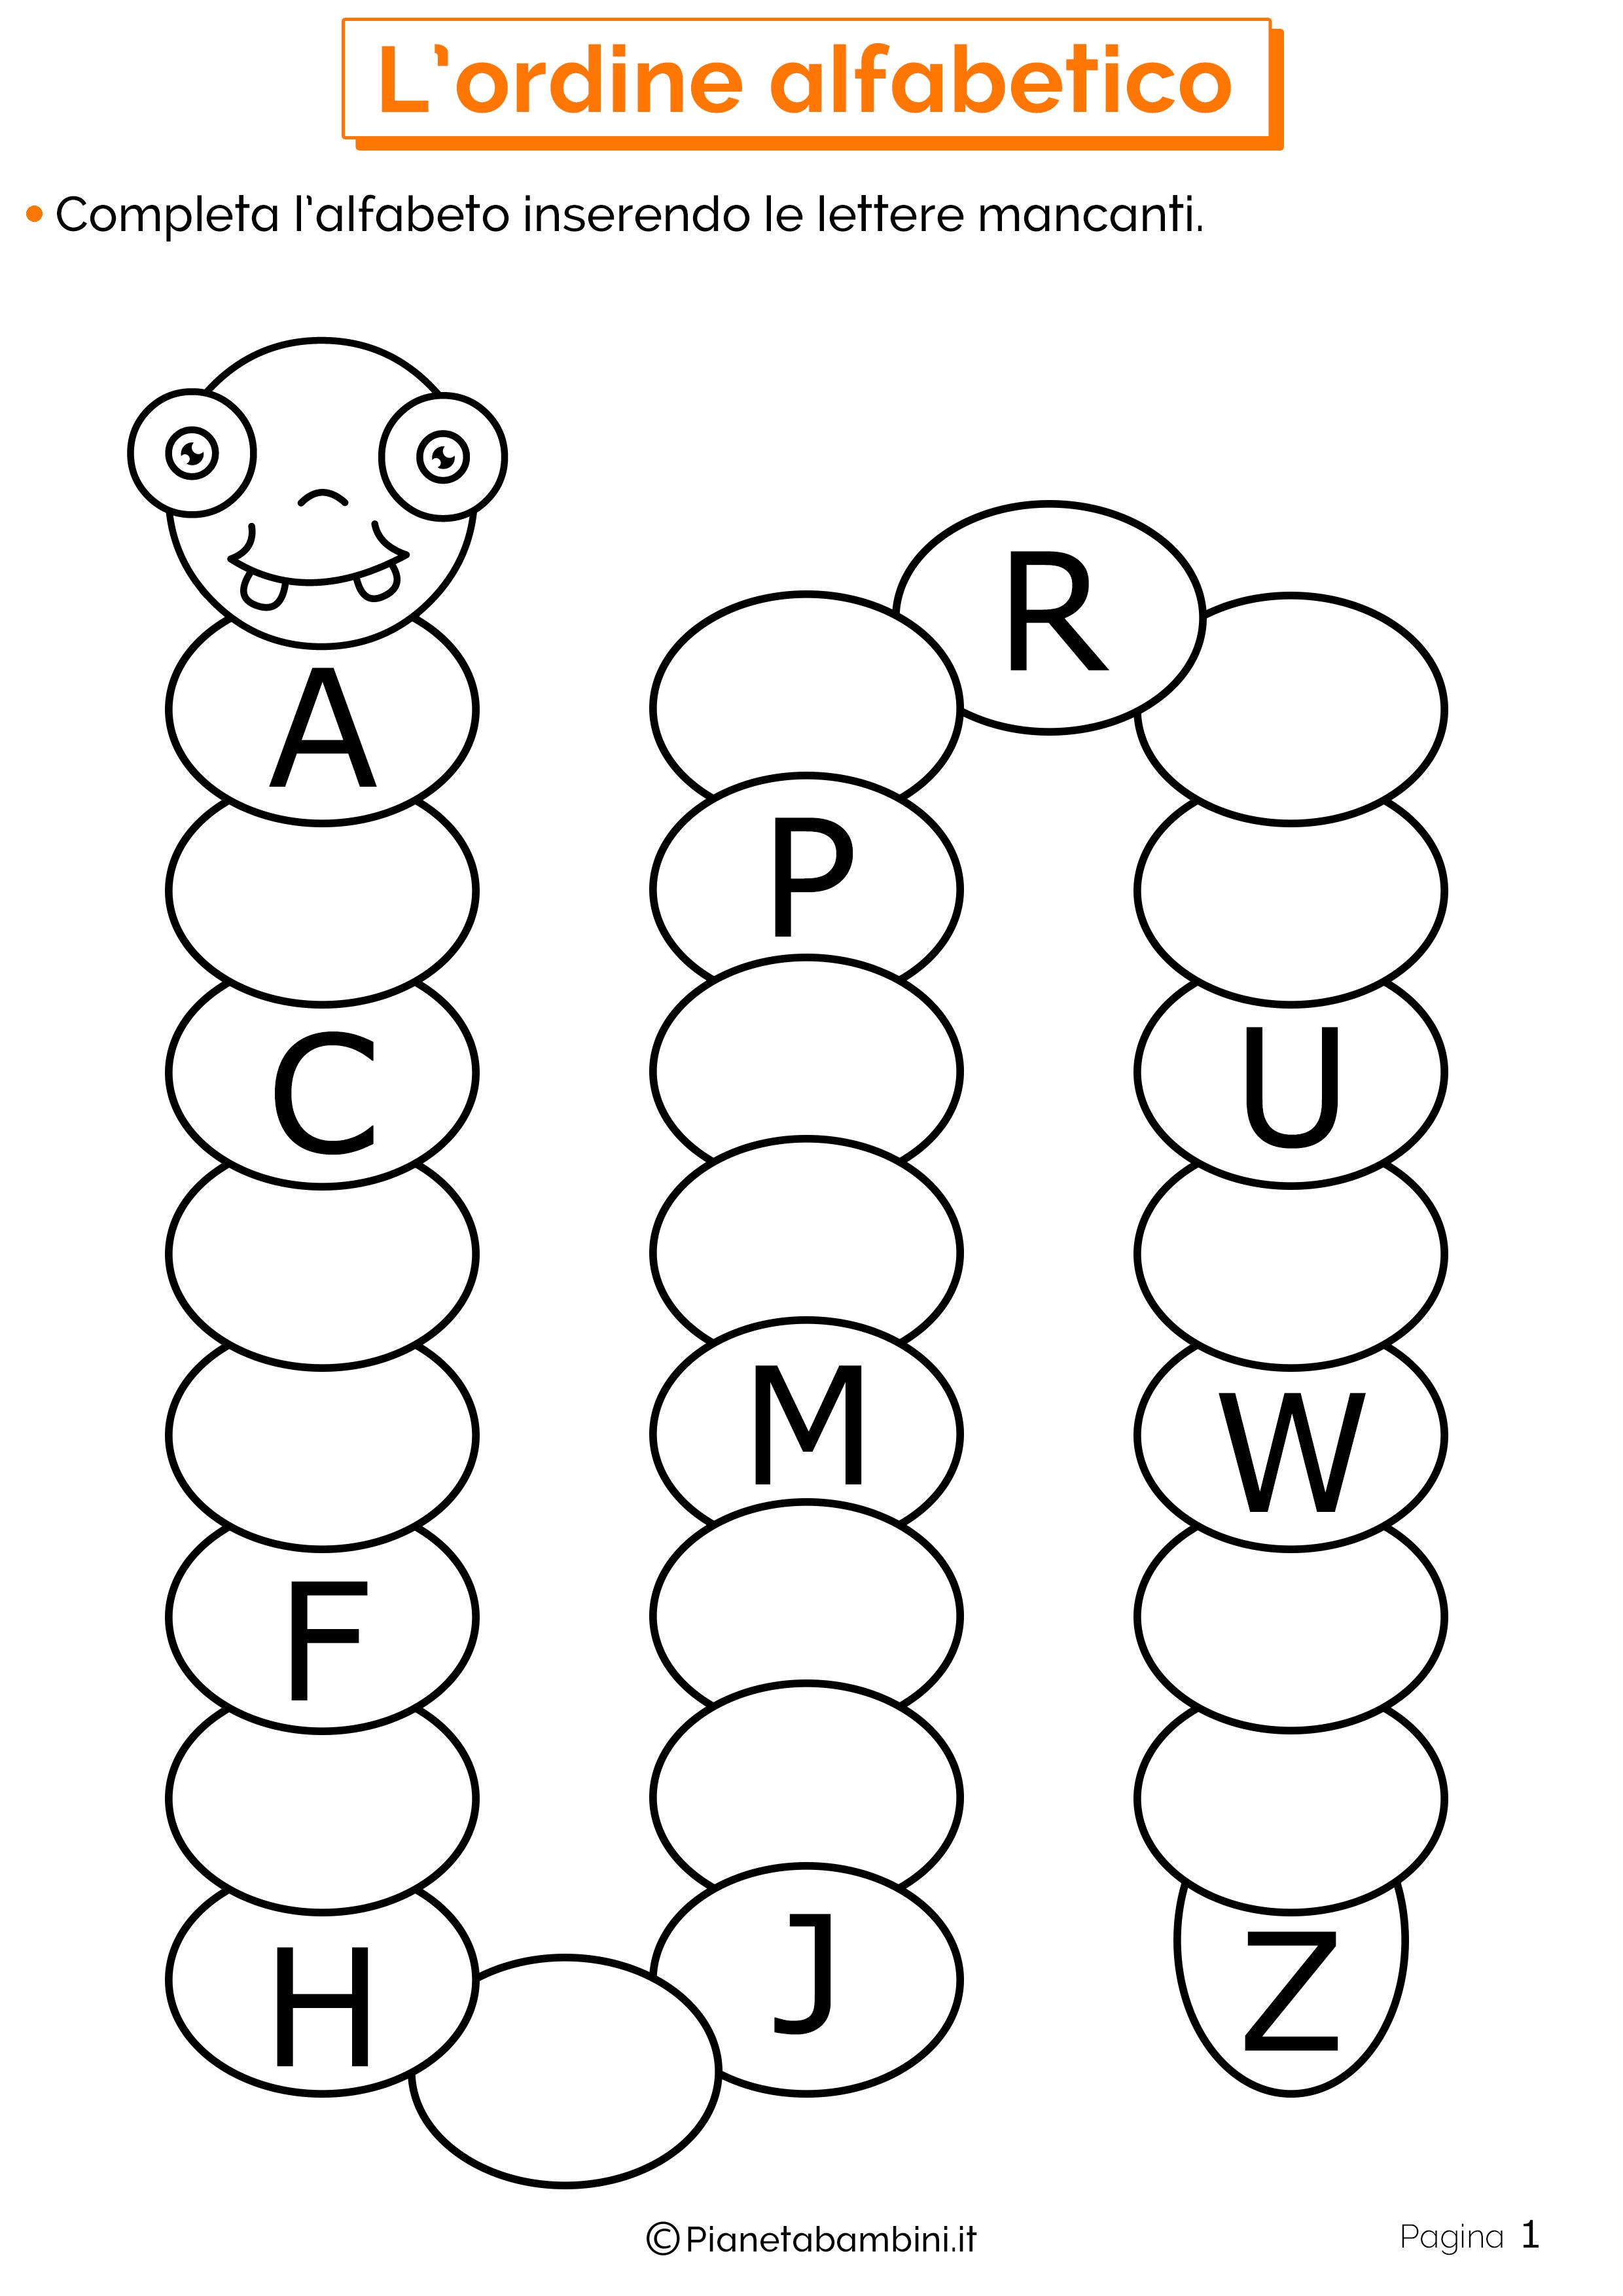 Esercizi sull'ordine alfabetico 1